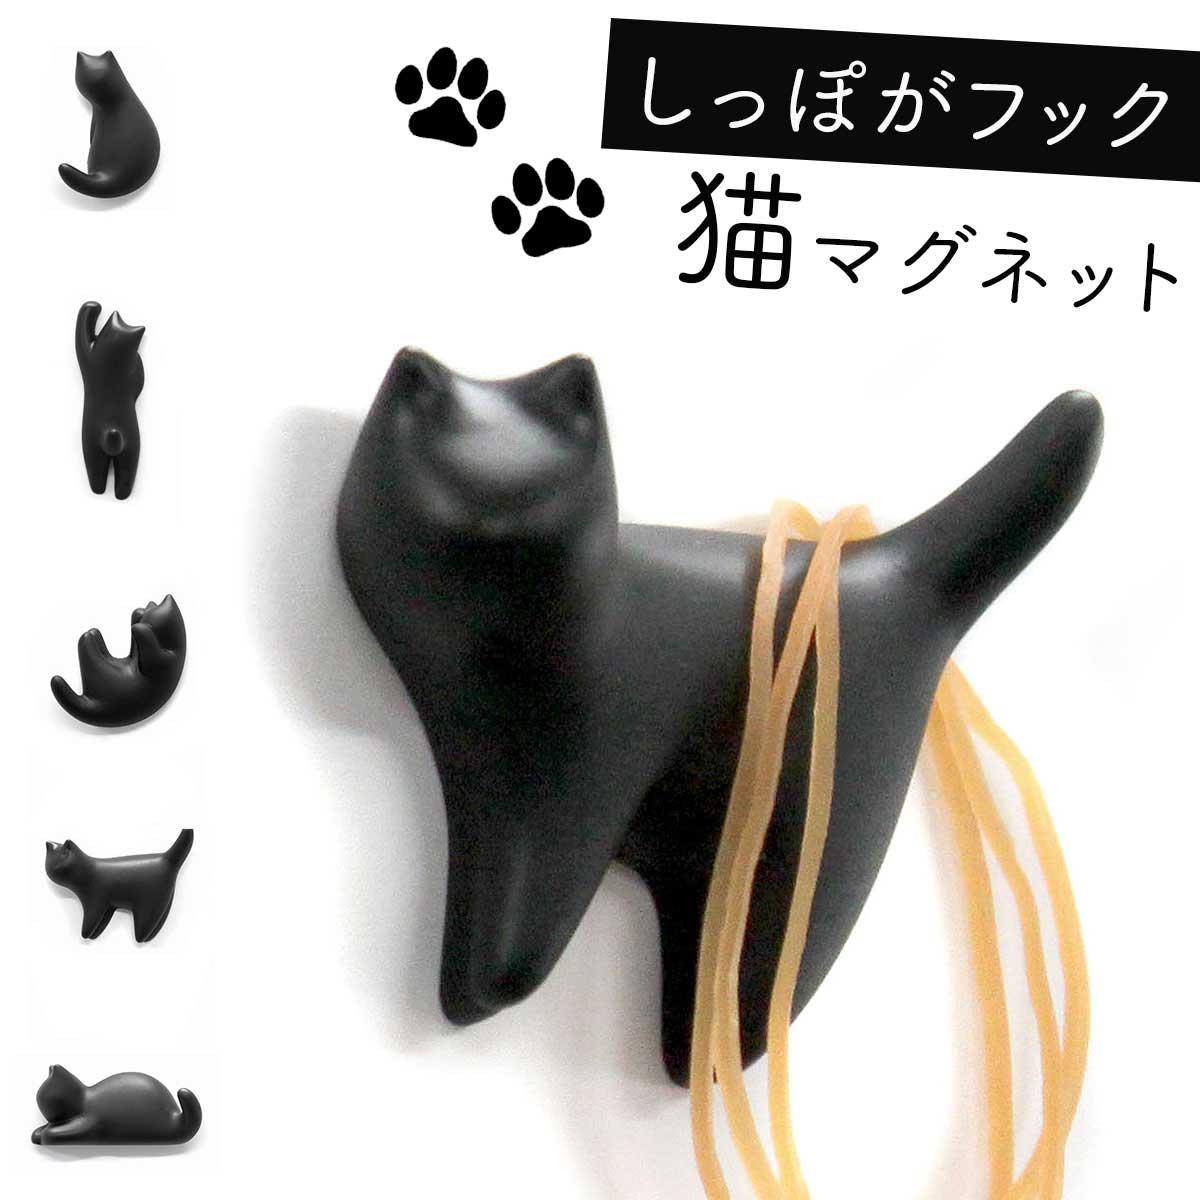 \今だけ10%OFF/ マグネット 磁石 かわいい ネコ磁石 キャット ネコ キャット ネコ 猫 グッズ特集 ユニーク雑貨特集 ギフト プレゼント 贈り物  冷蔵庫 プチギフト おもちゃ